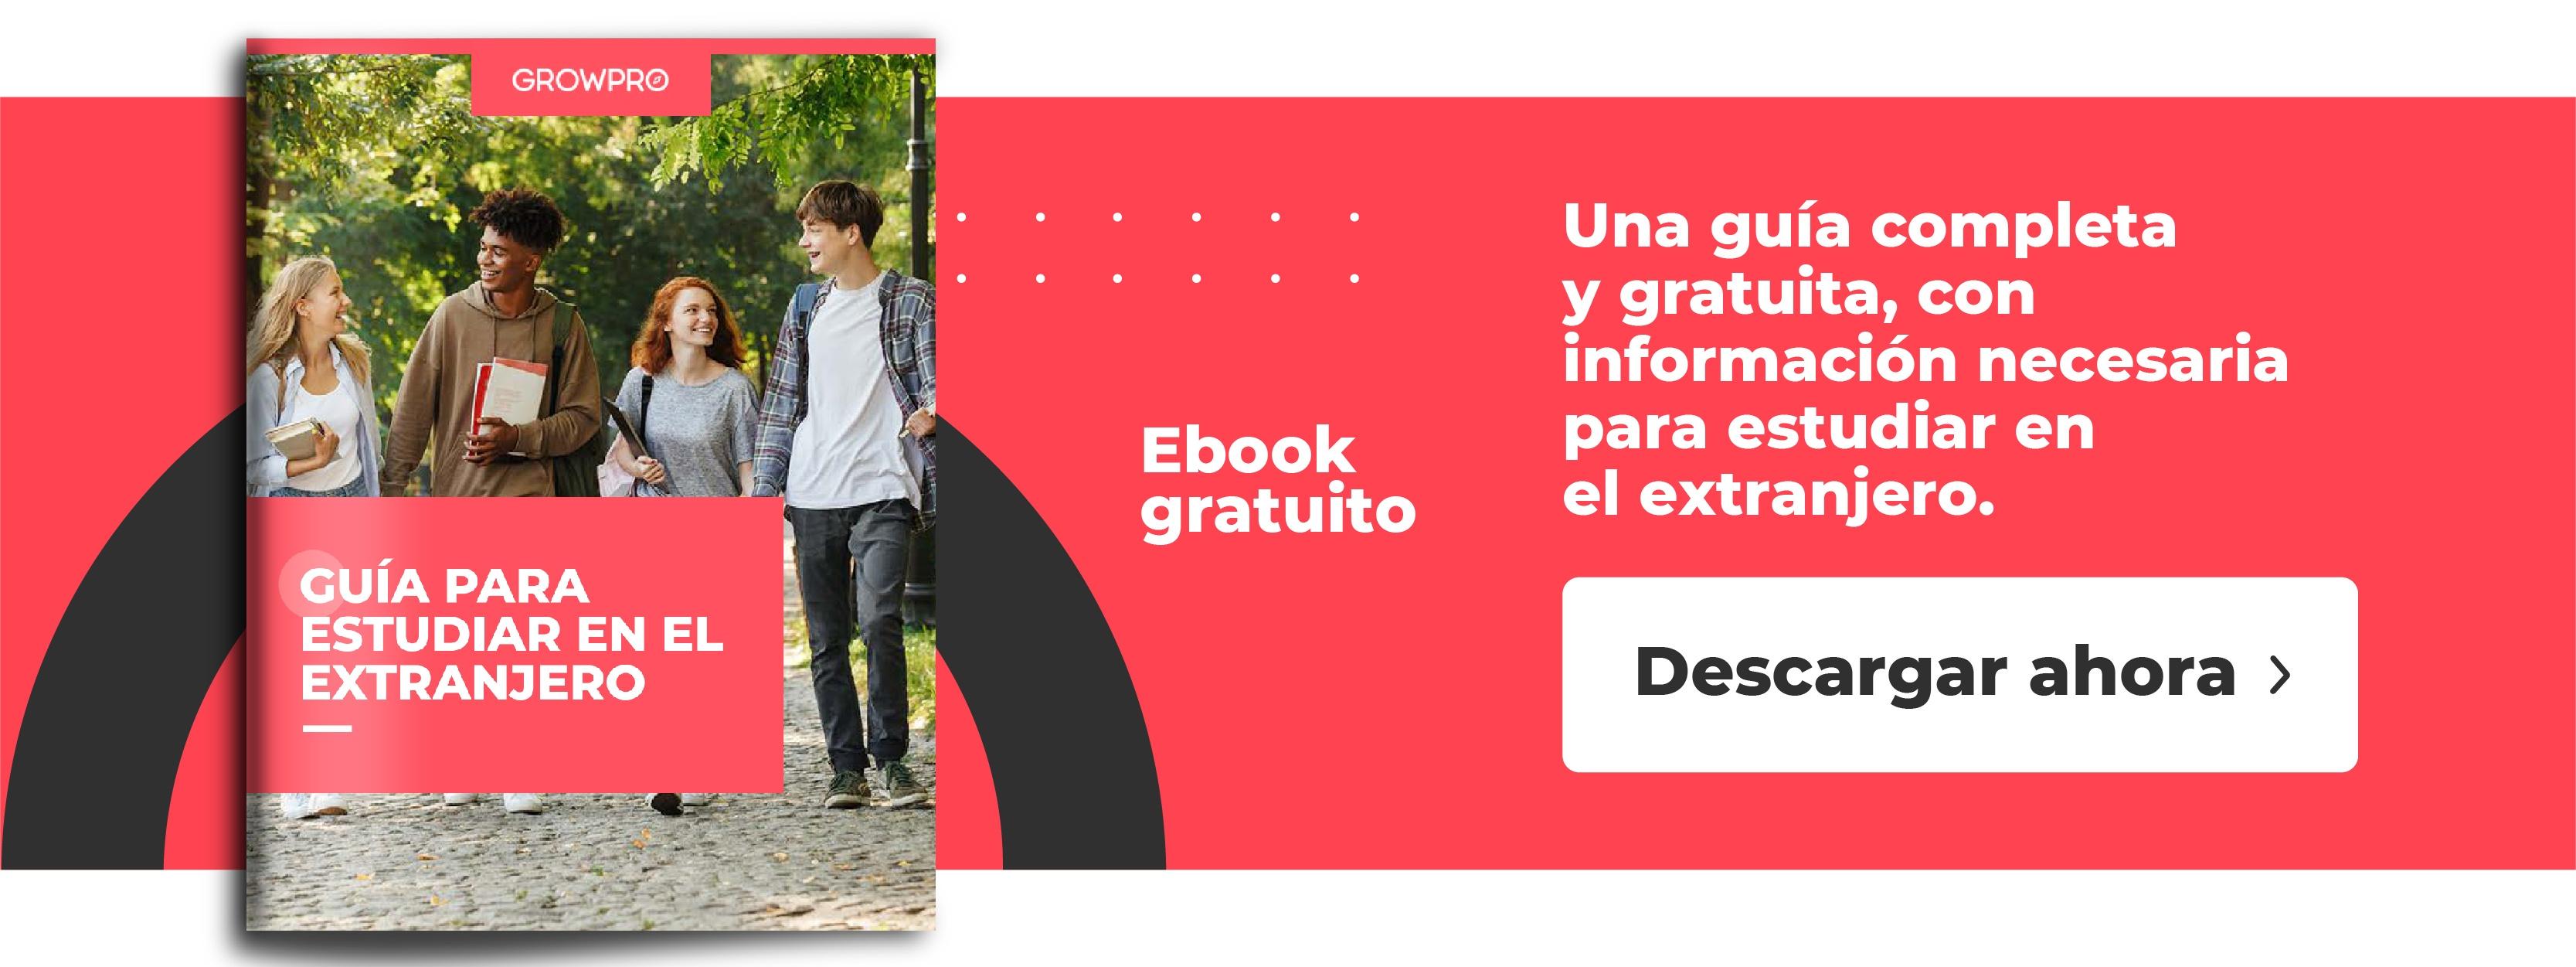 [ES] [EBOOK] Estudiar en el extranjero